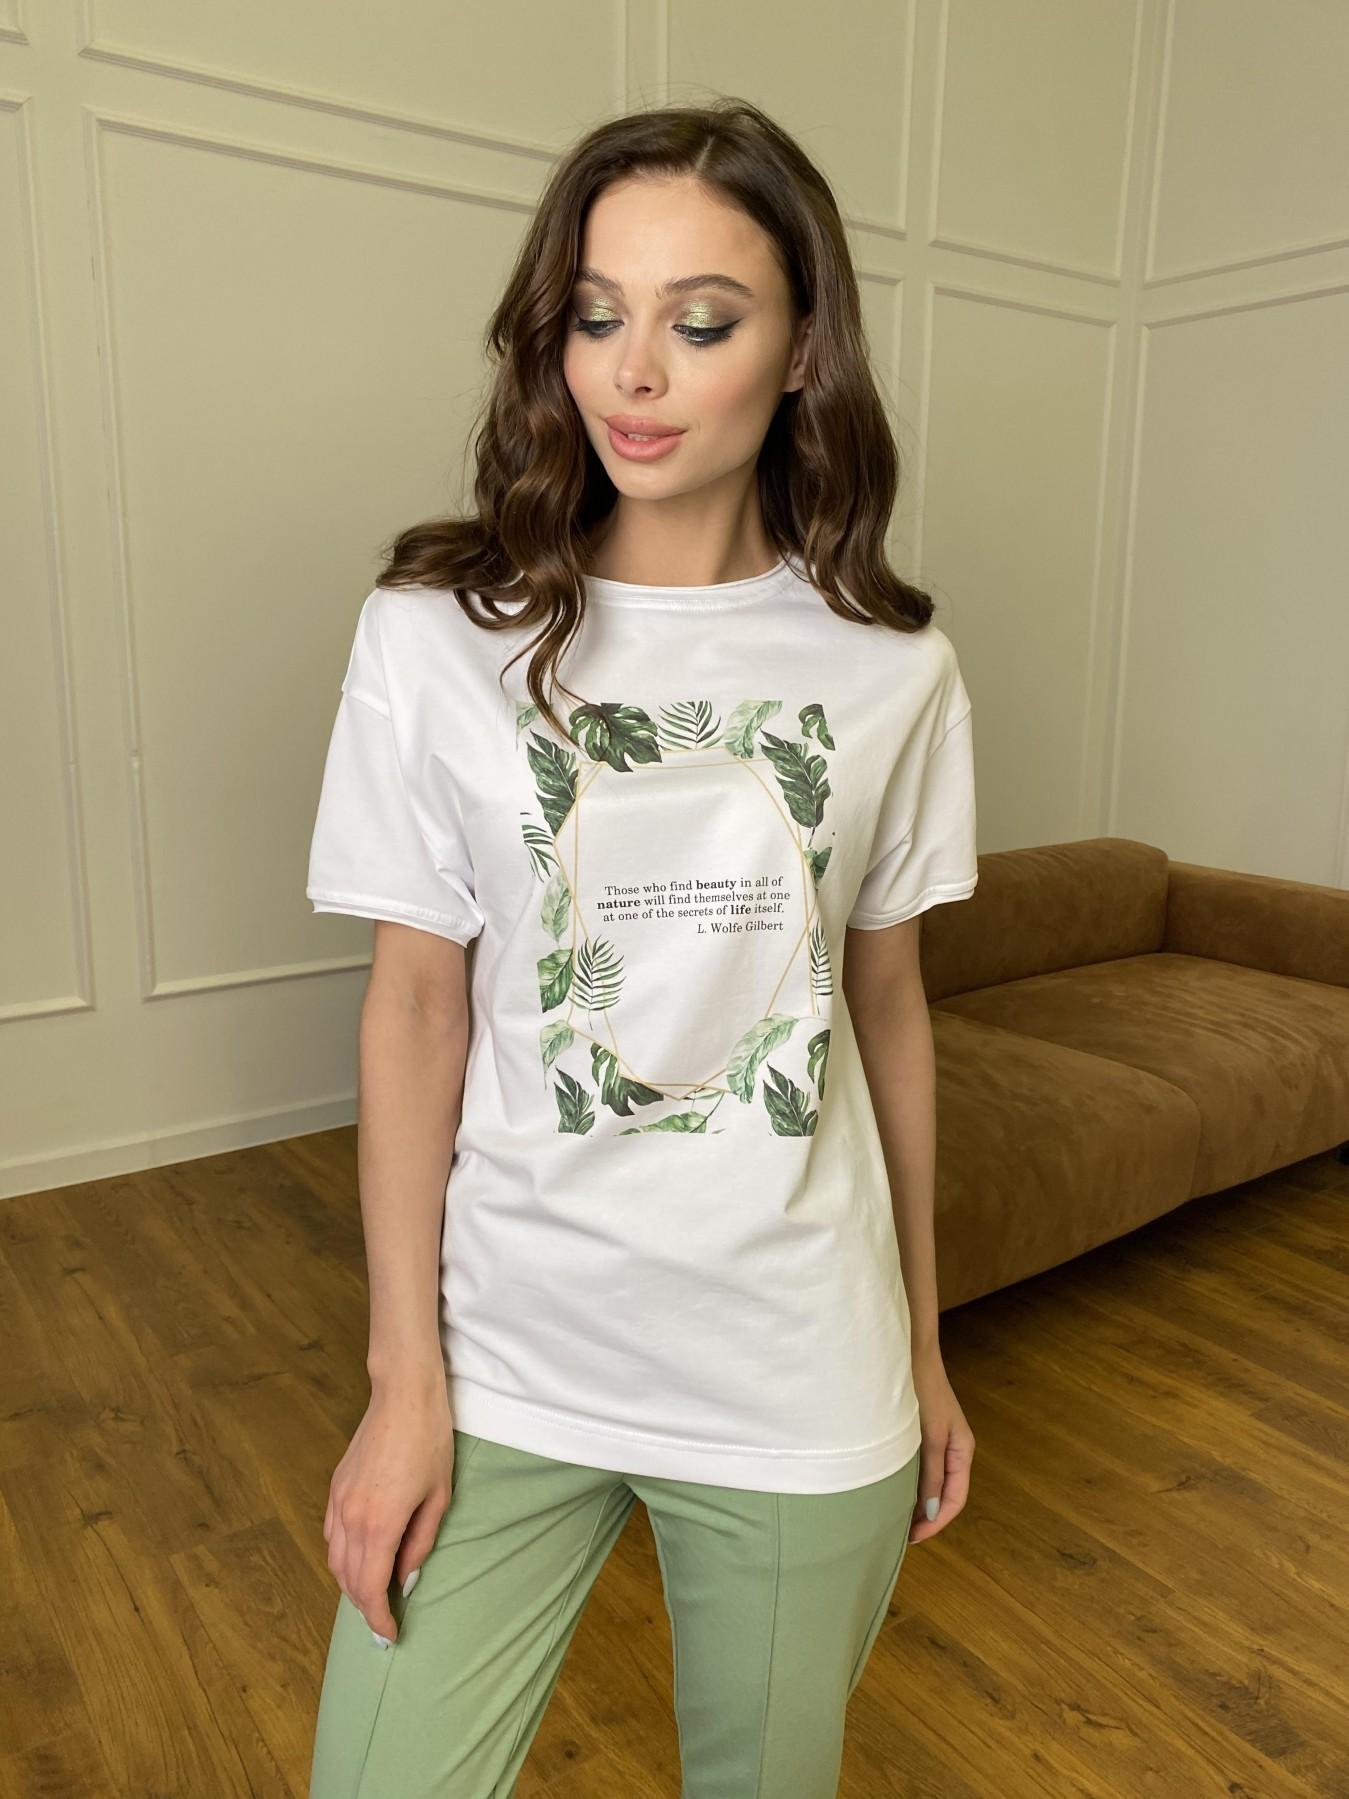 Майки женские купить Украина Тропик футболка из вискозы однотонная хлопок 11240